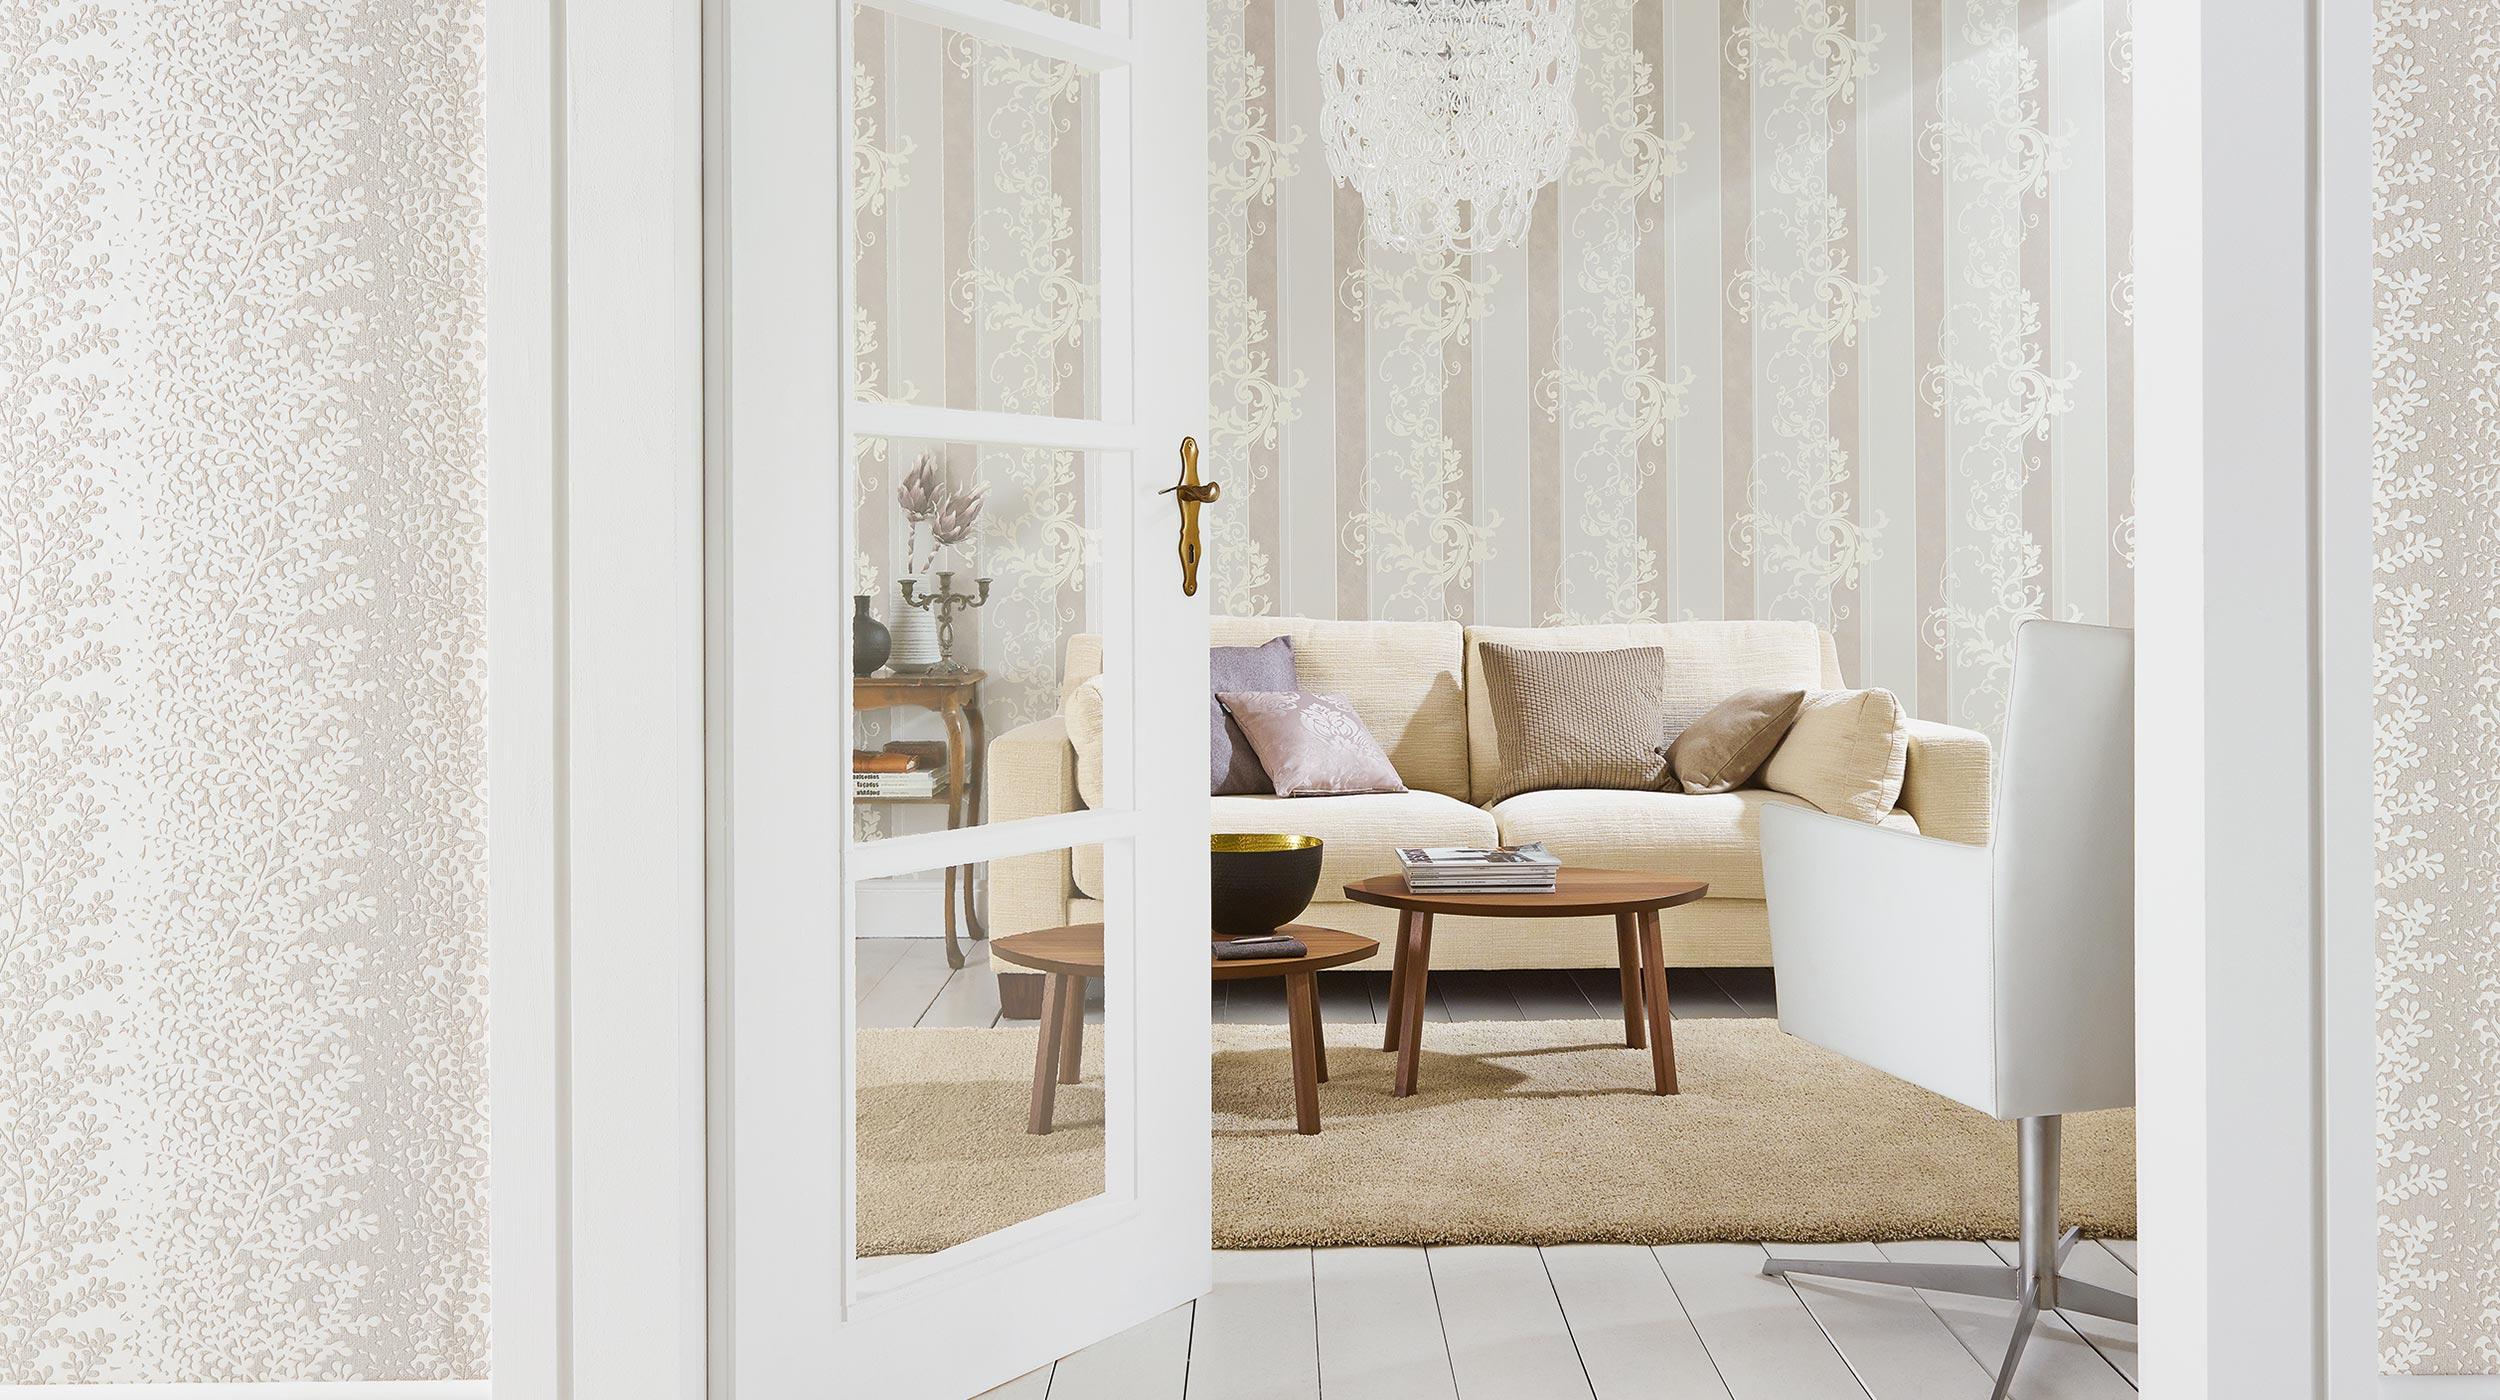 wohnzimmer mit tapete in creme - Tapete Modern